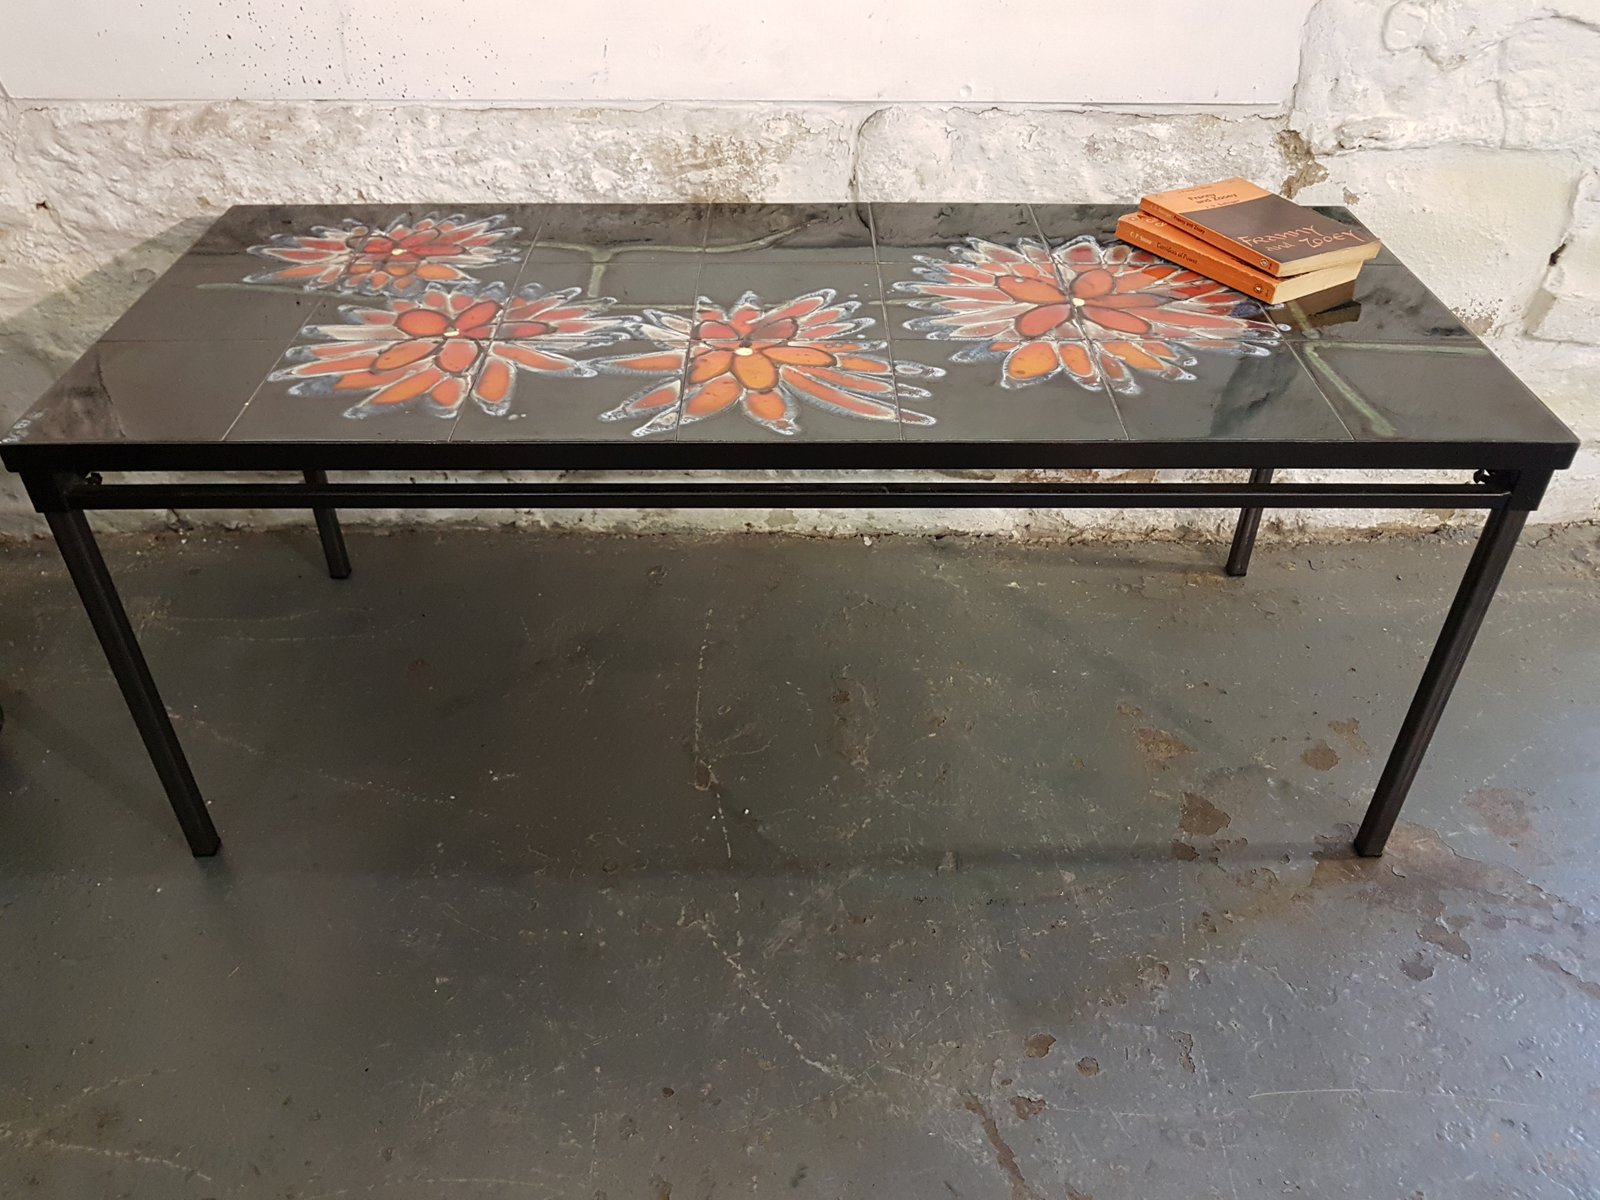 Tavolo con piastrelle nere e fiori arancioni di adri anni 70 in